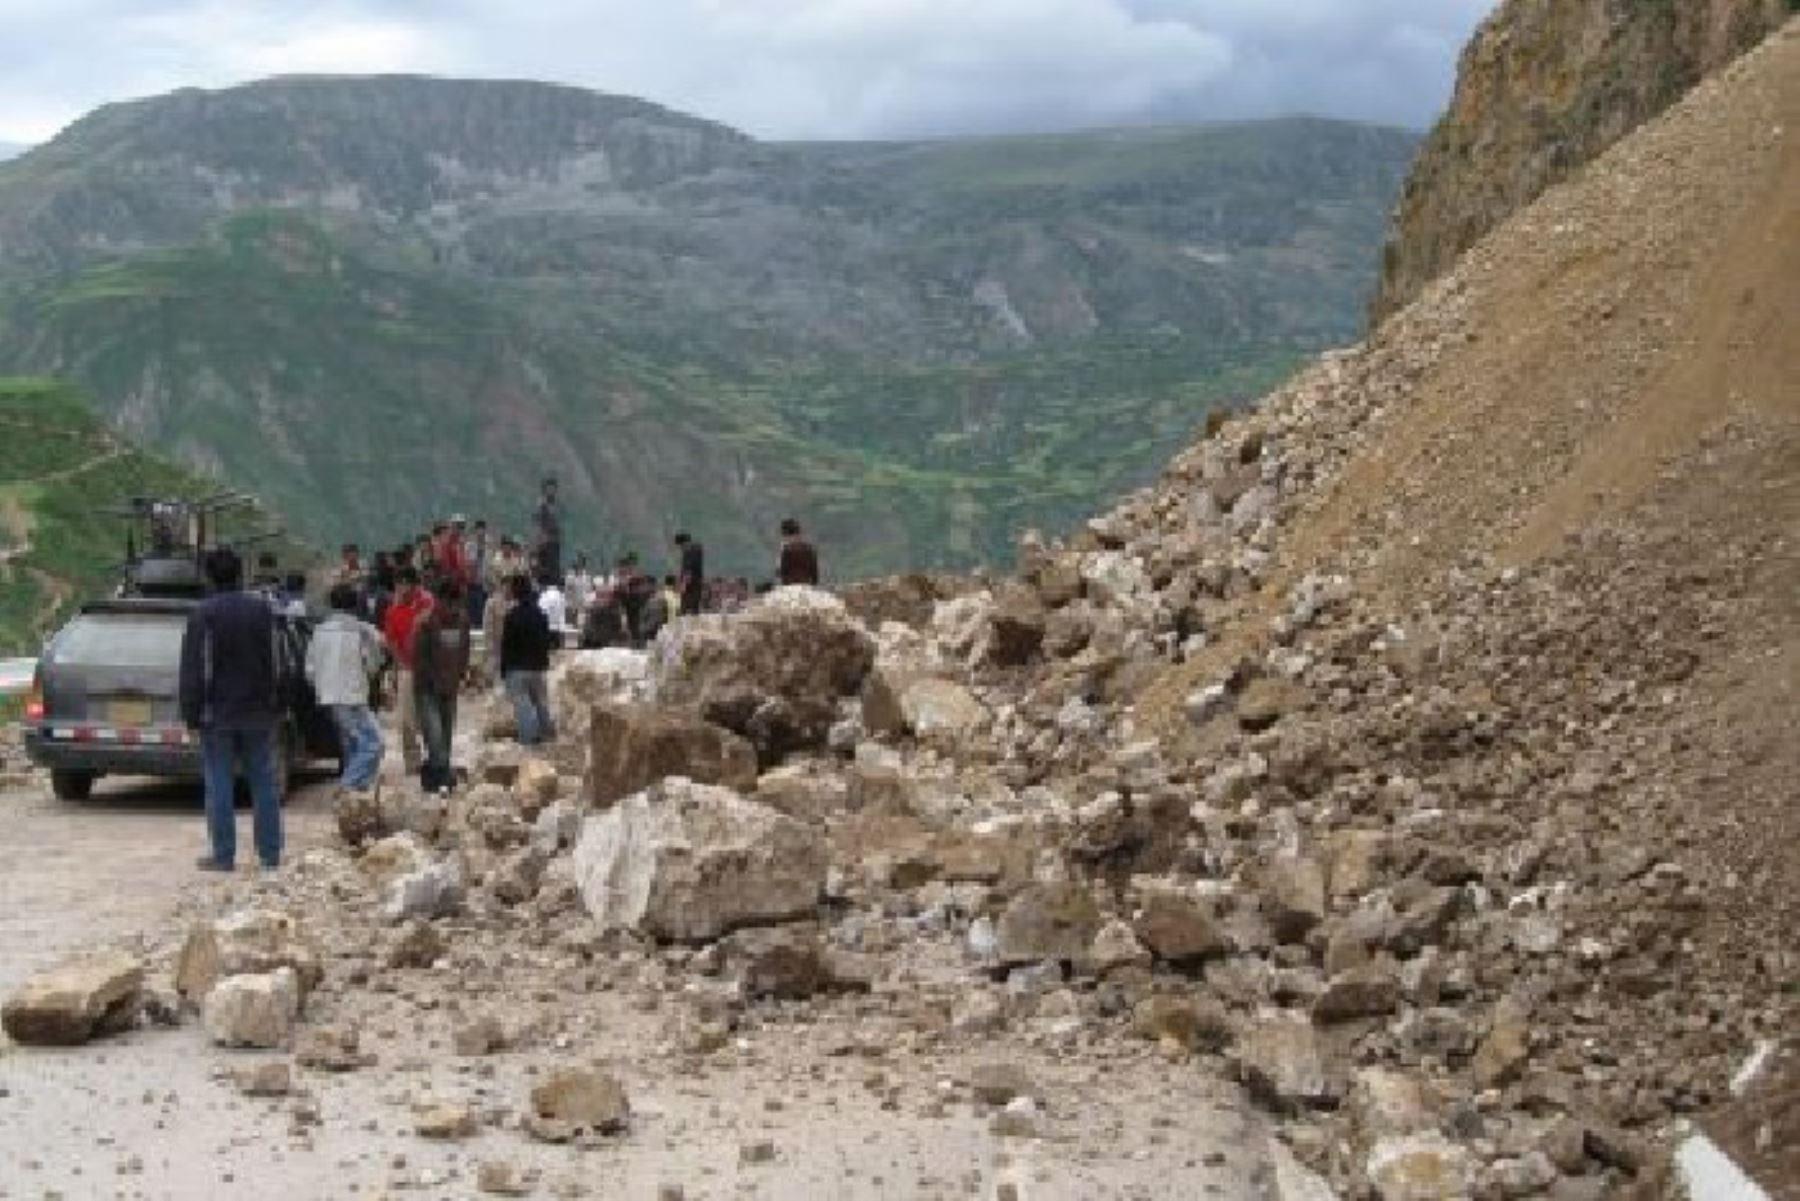 Deslizamiento de rocas se produjo en el cerro Hatun Rumi, a la altura del kilómetro 190+500 de la vía Ayacucho-Huancayo (Junín).